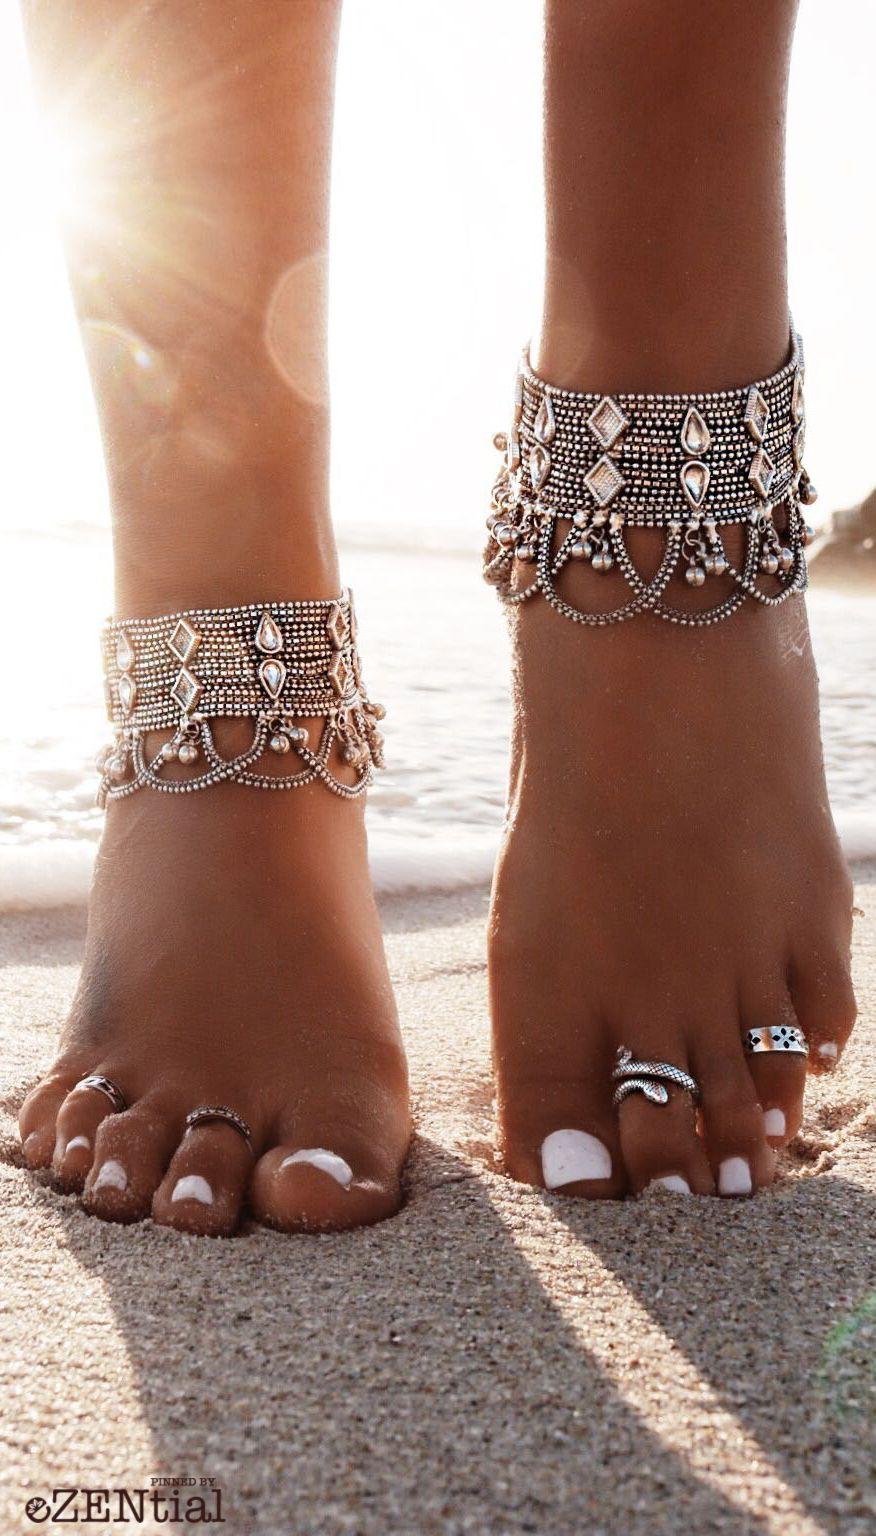 Boho feathers gypsy spirit sexy foot jewelry